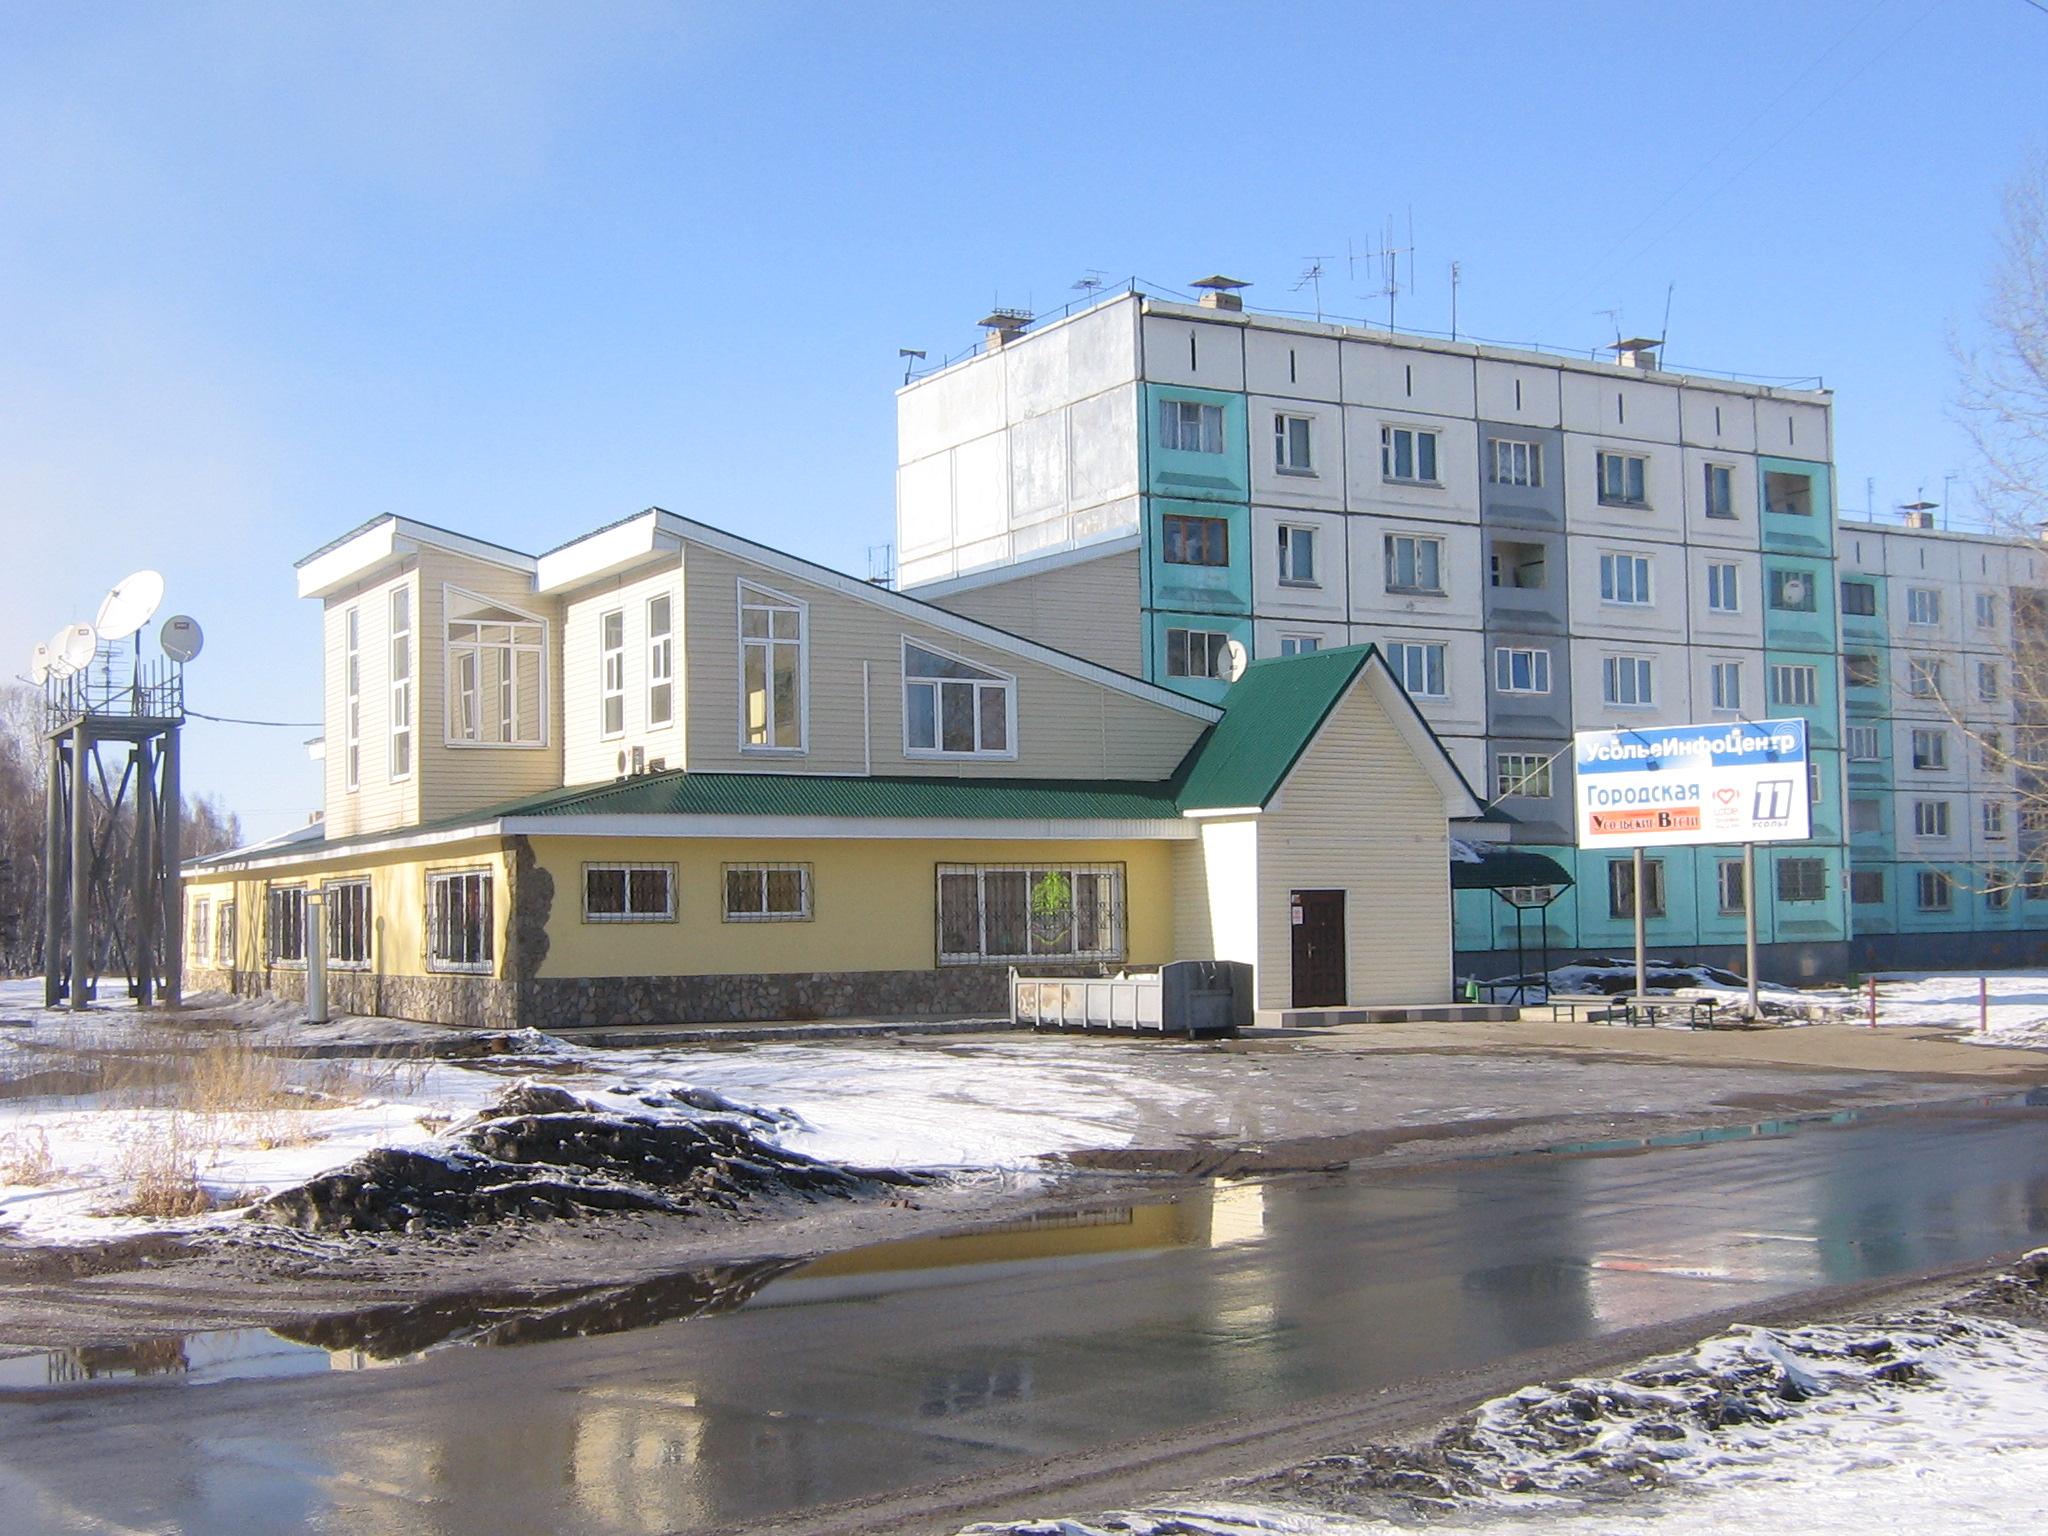 объездная дорога усолье-сибирское схема